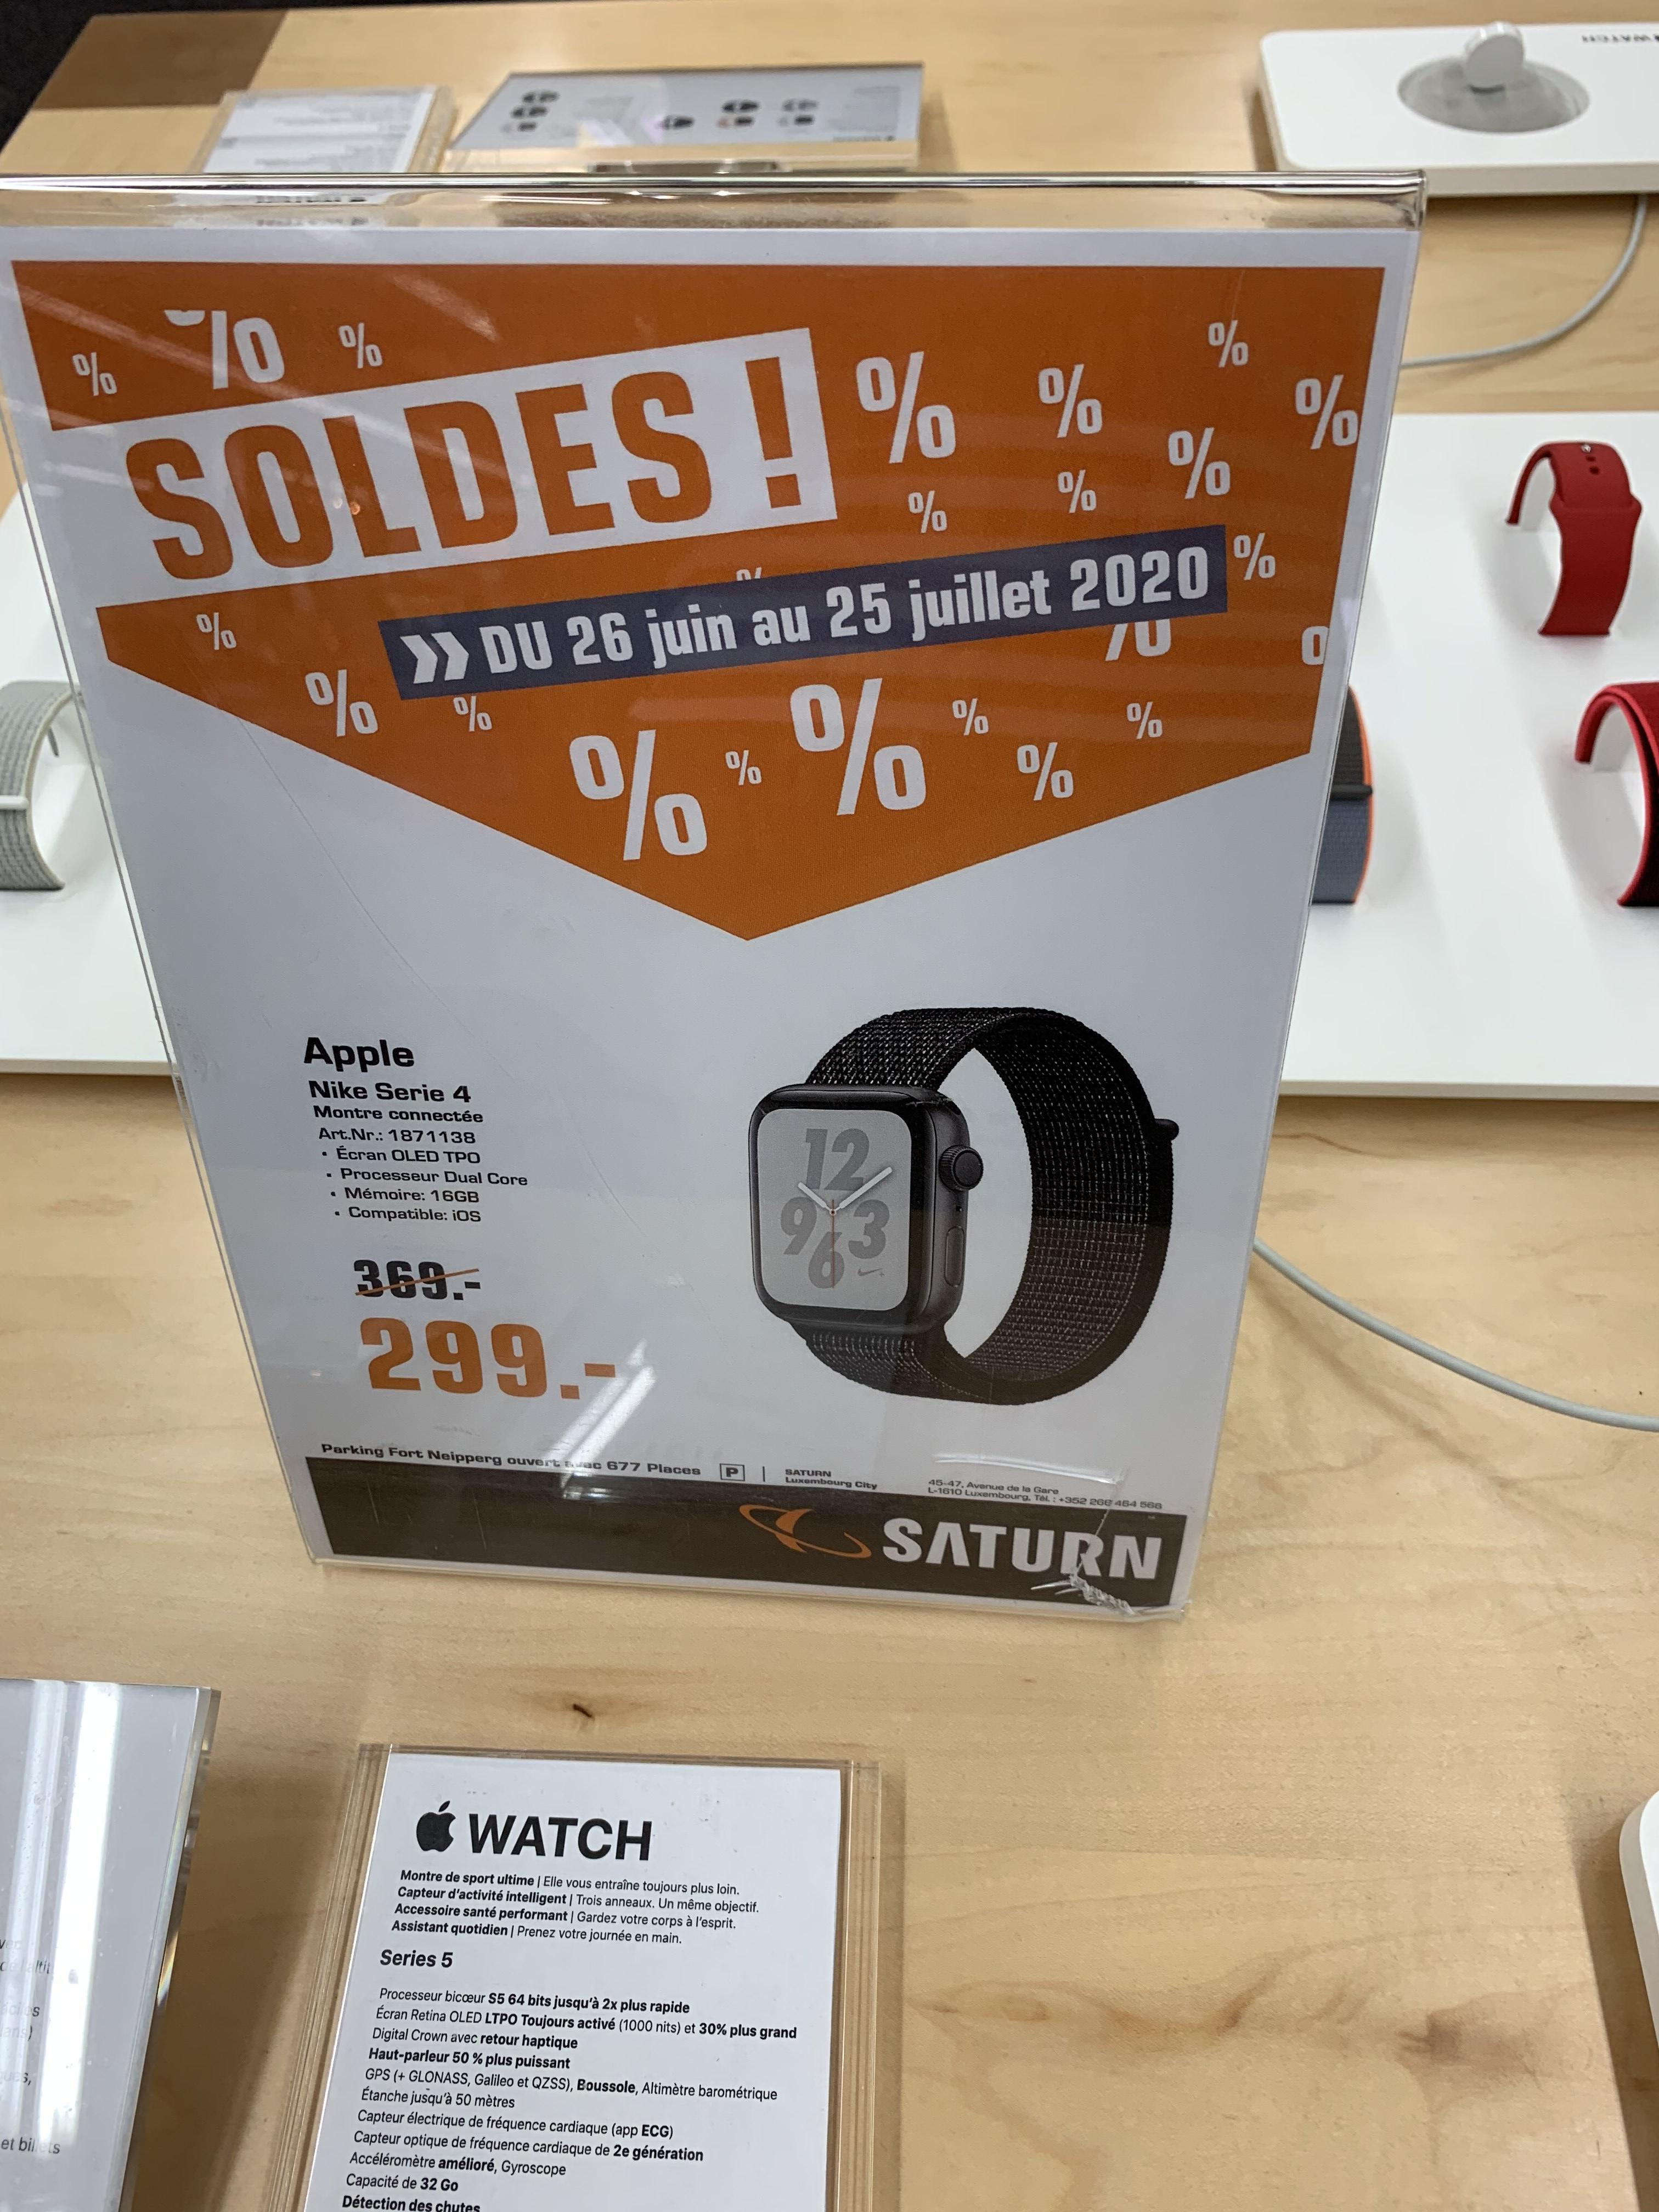 Montre connectée Apple Watch Nike Serie 4 - 44mm, bracelet sport, noir (Frontaliers Luxembourg)